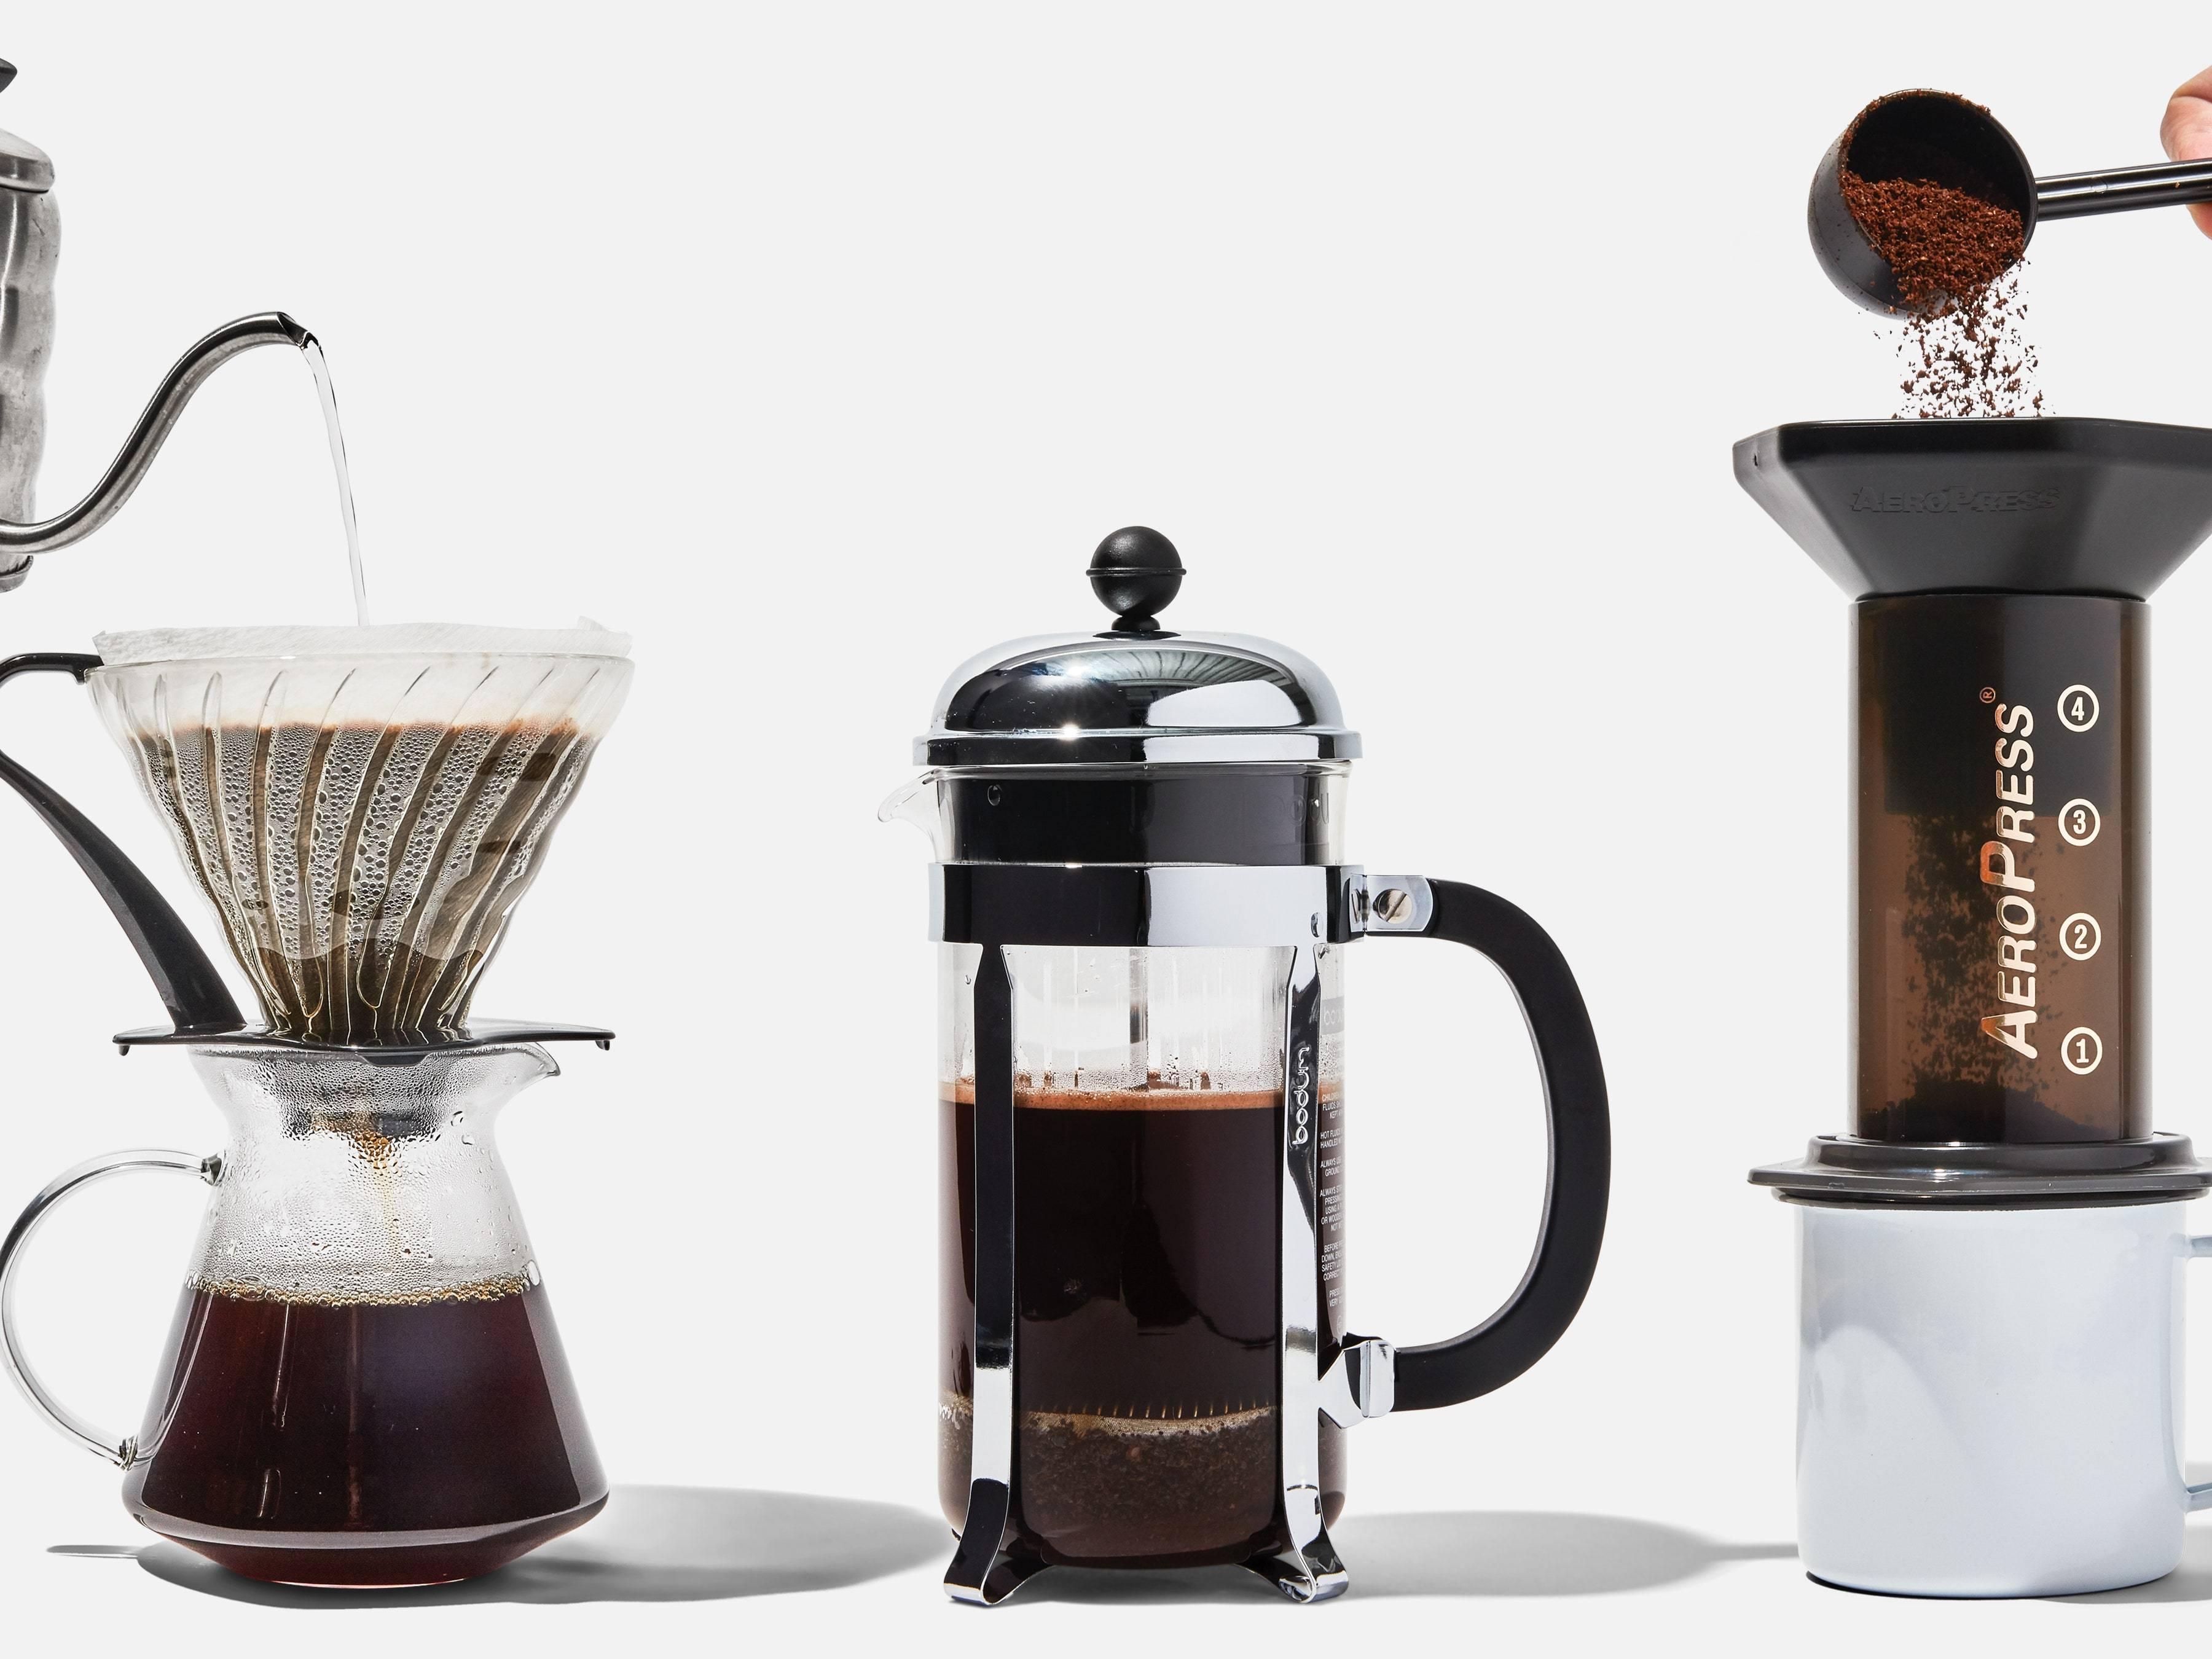 Френч пресс для кофе и чая, рейтинг лучших моделей, их отличия